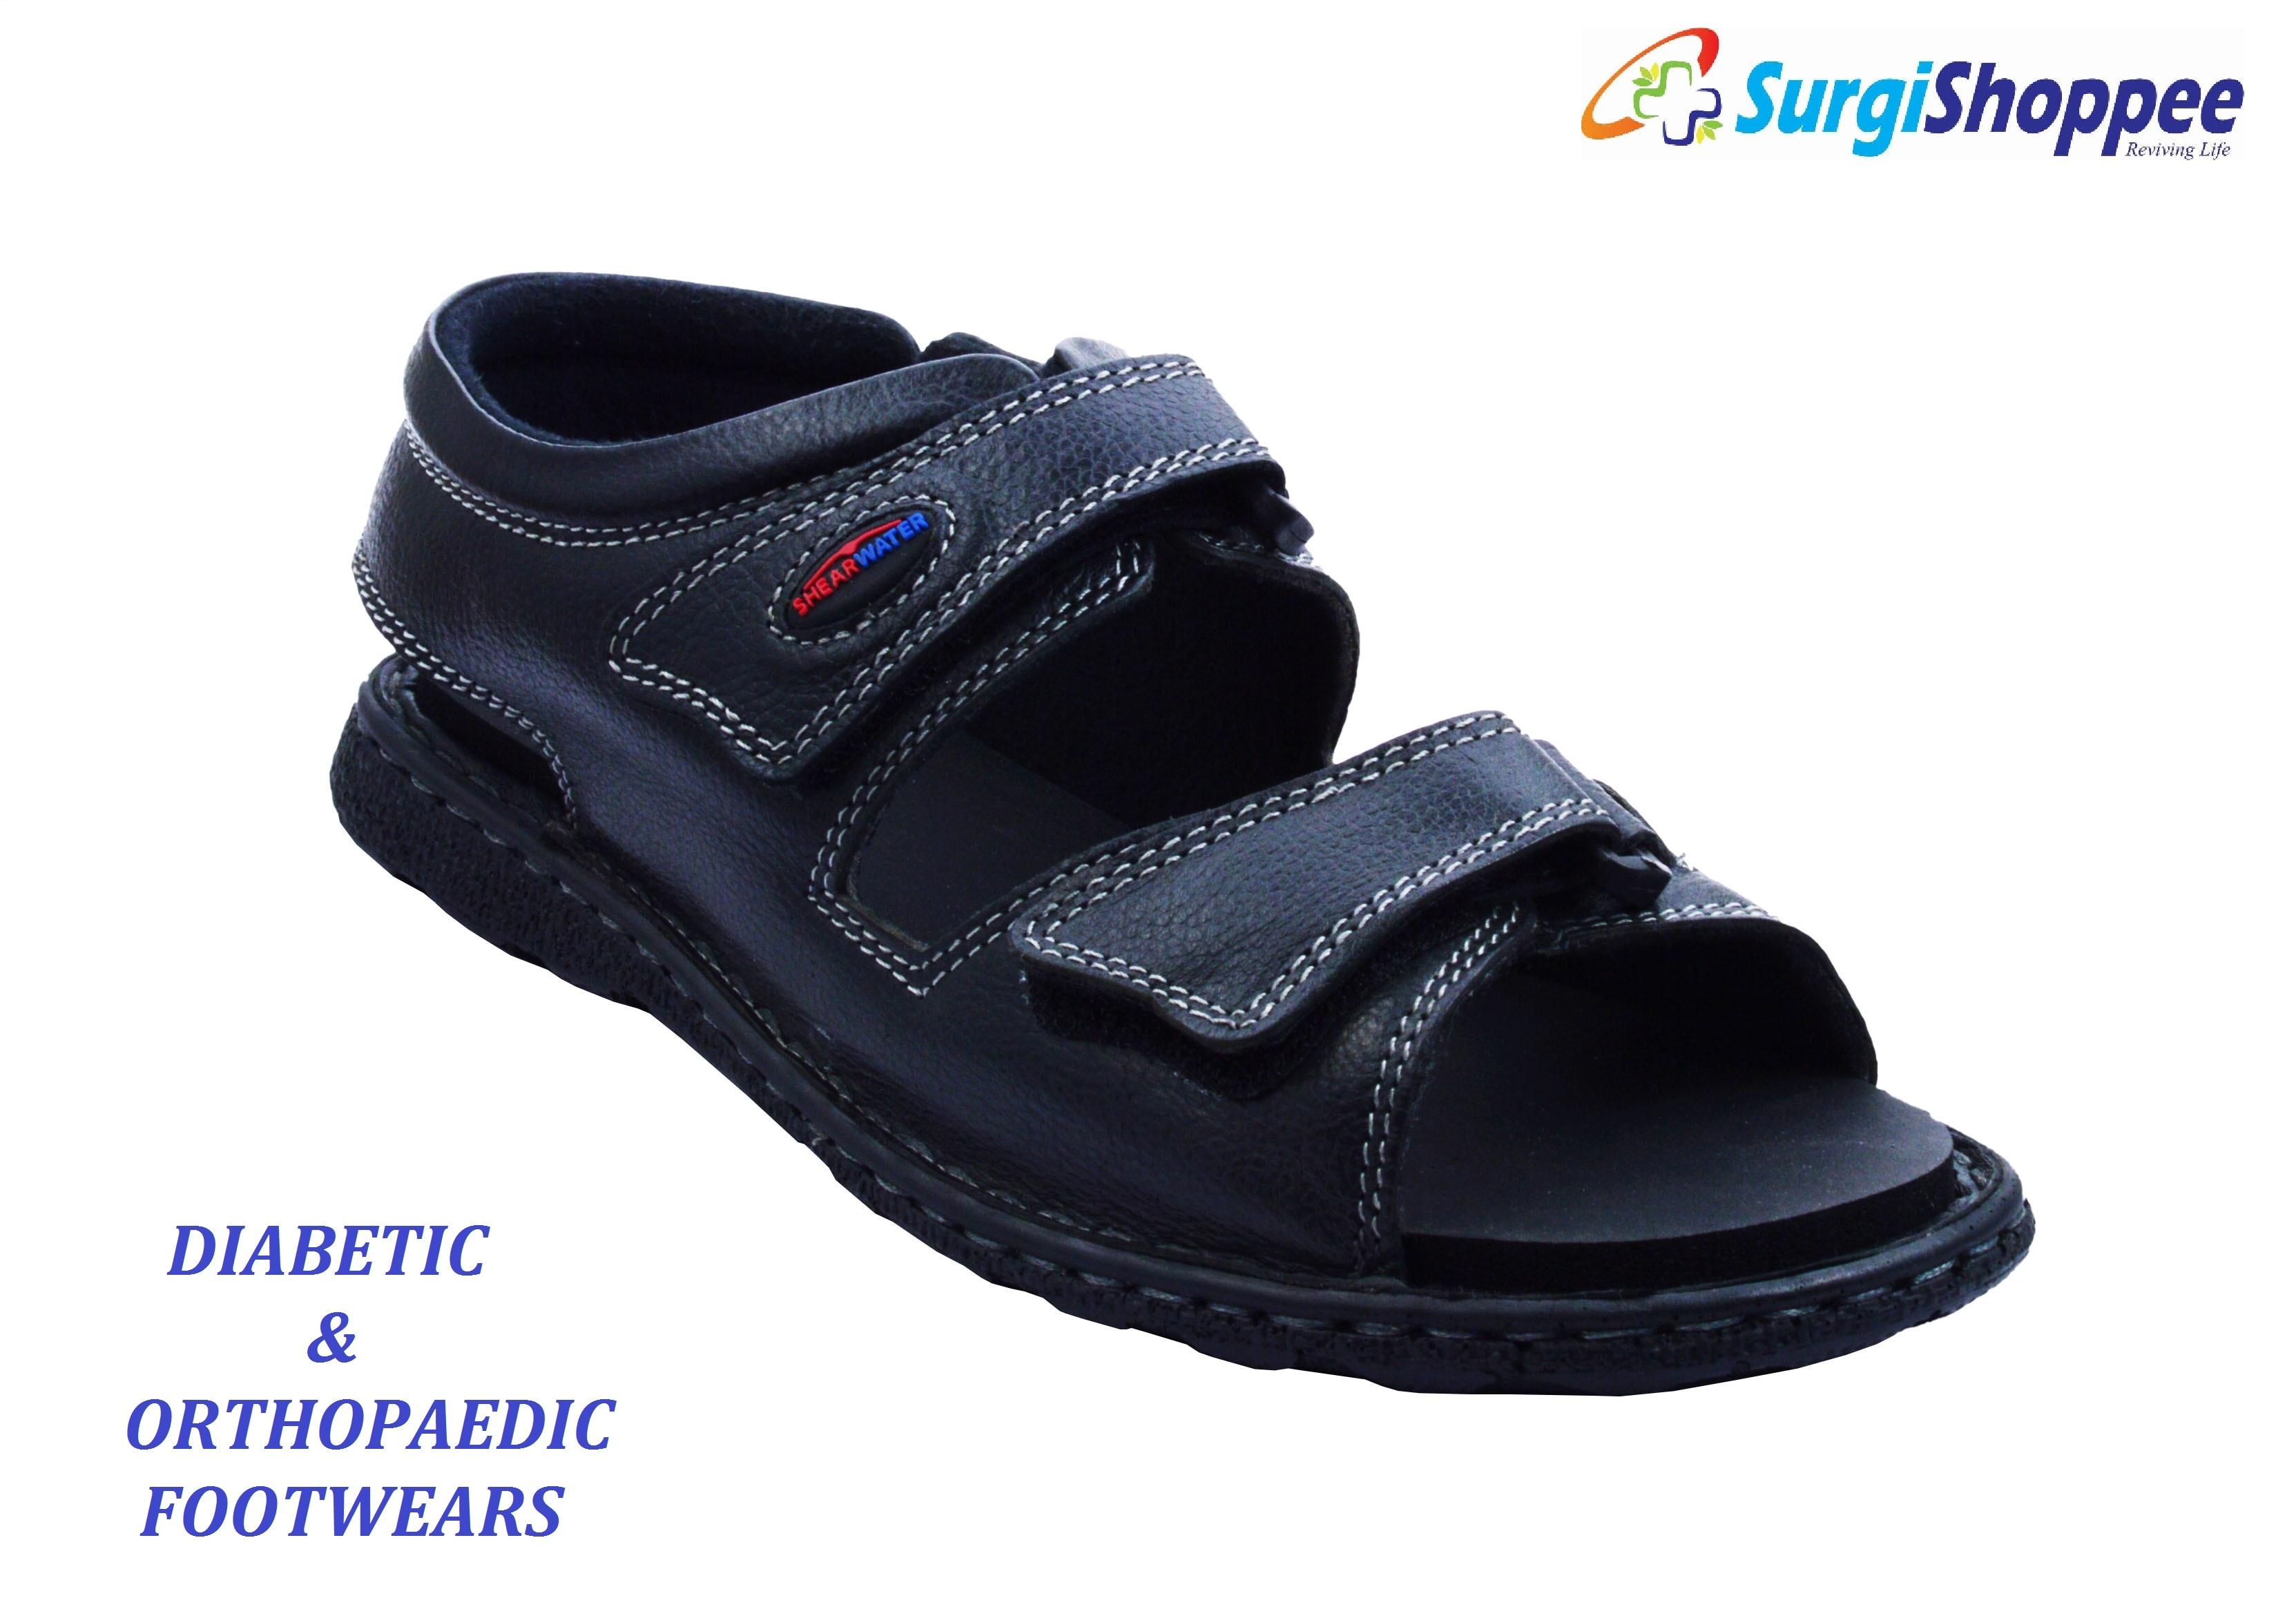 Diabetic & Orthopaedic Footwears - Pinnacle (Female Model)